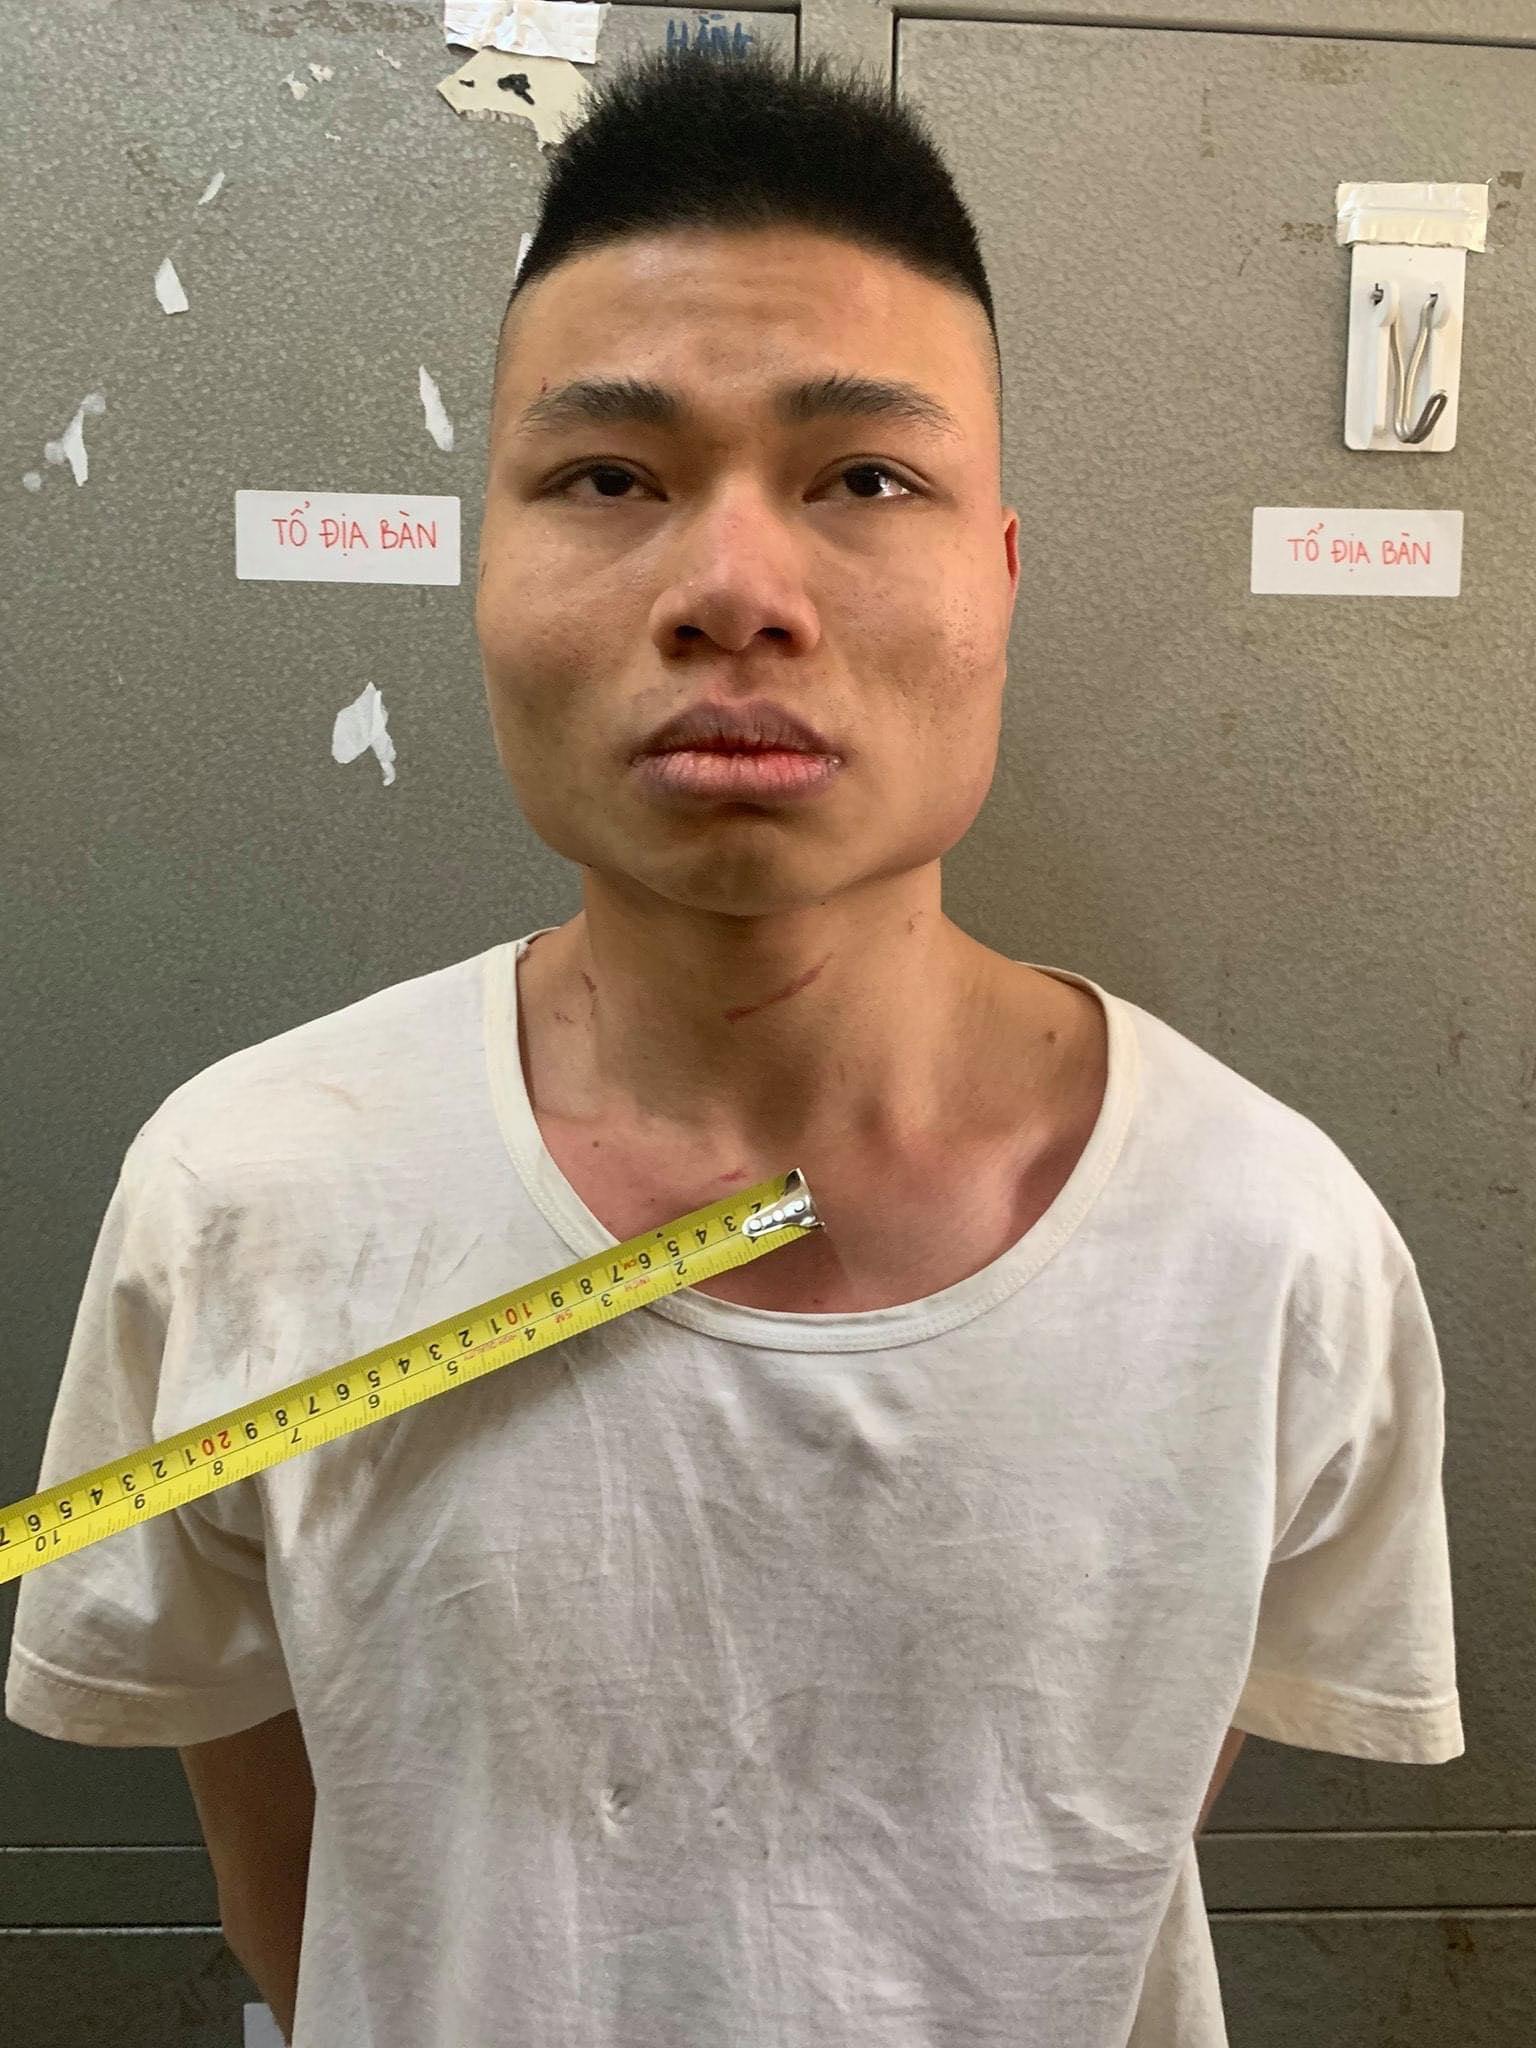 Đào Văn Thắng tại cơ quan điều tra. Ảnh:Công an cung cấp.